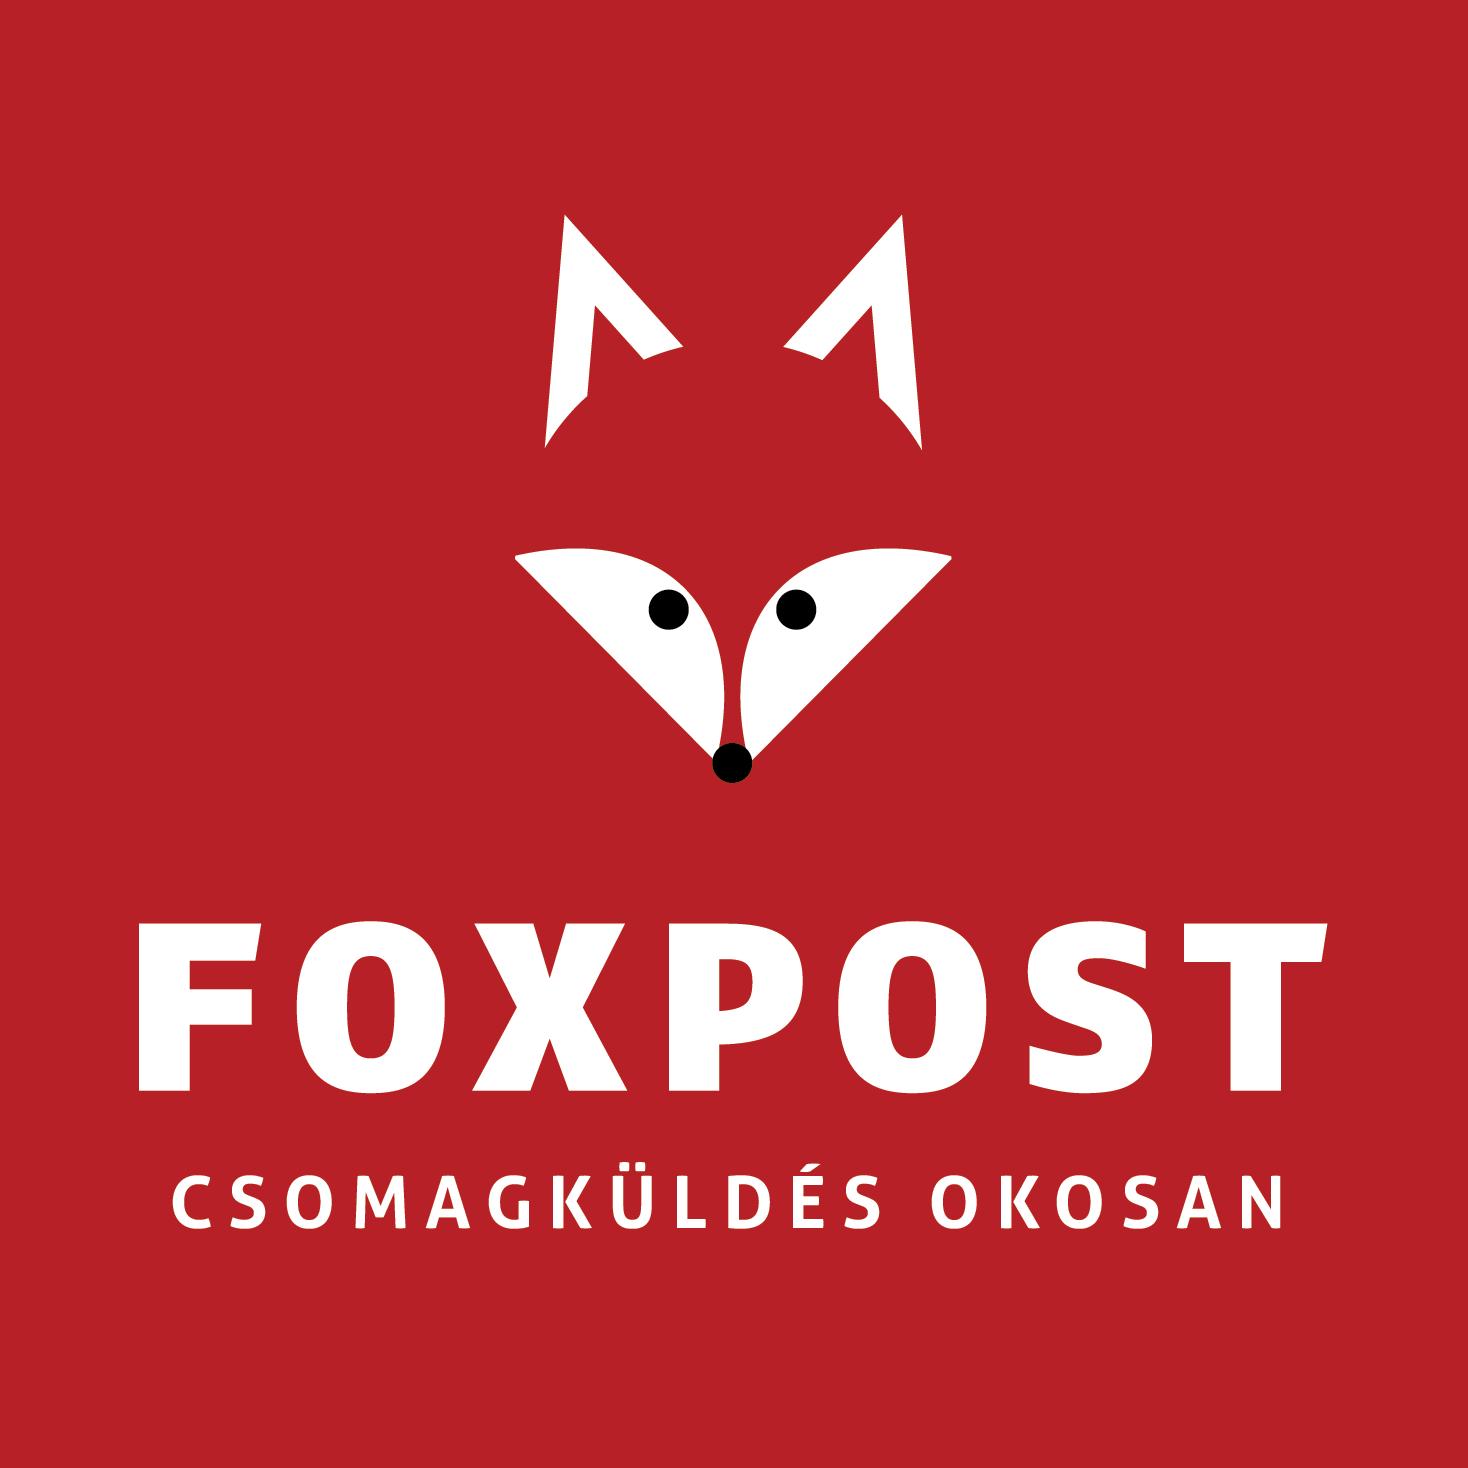 Foxpost csomagautomaták